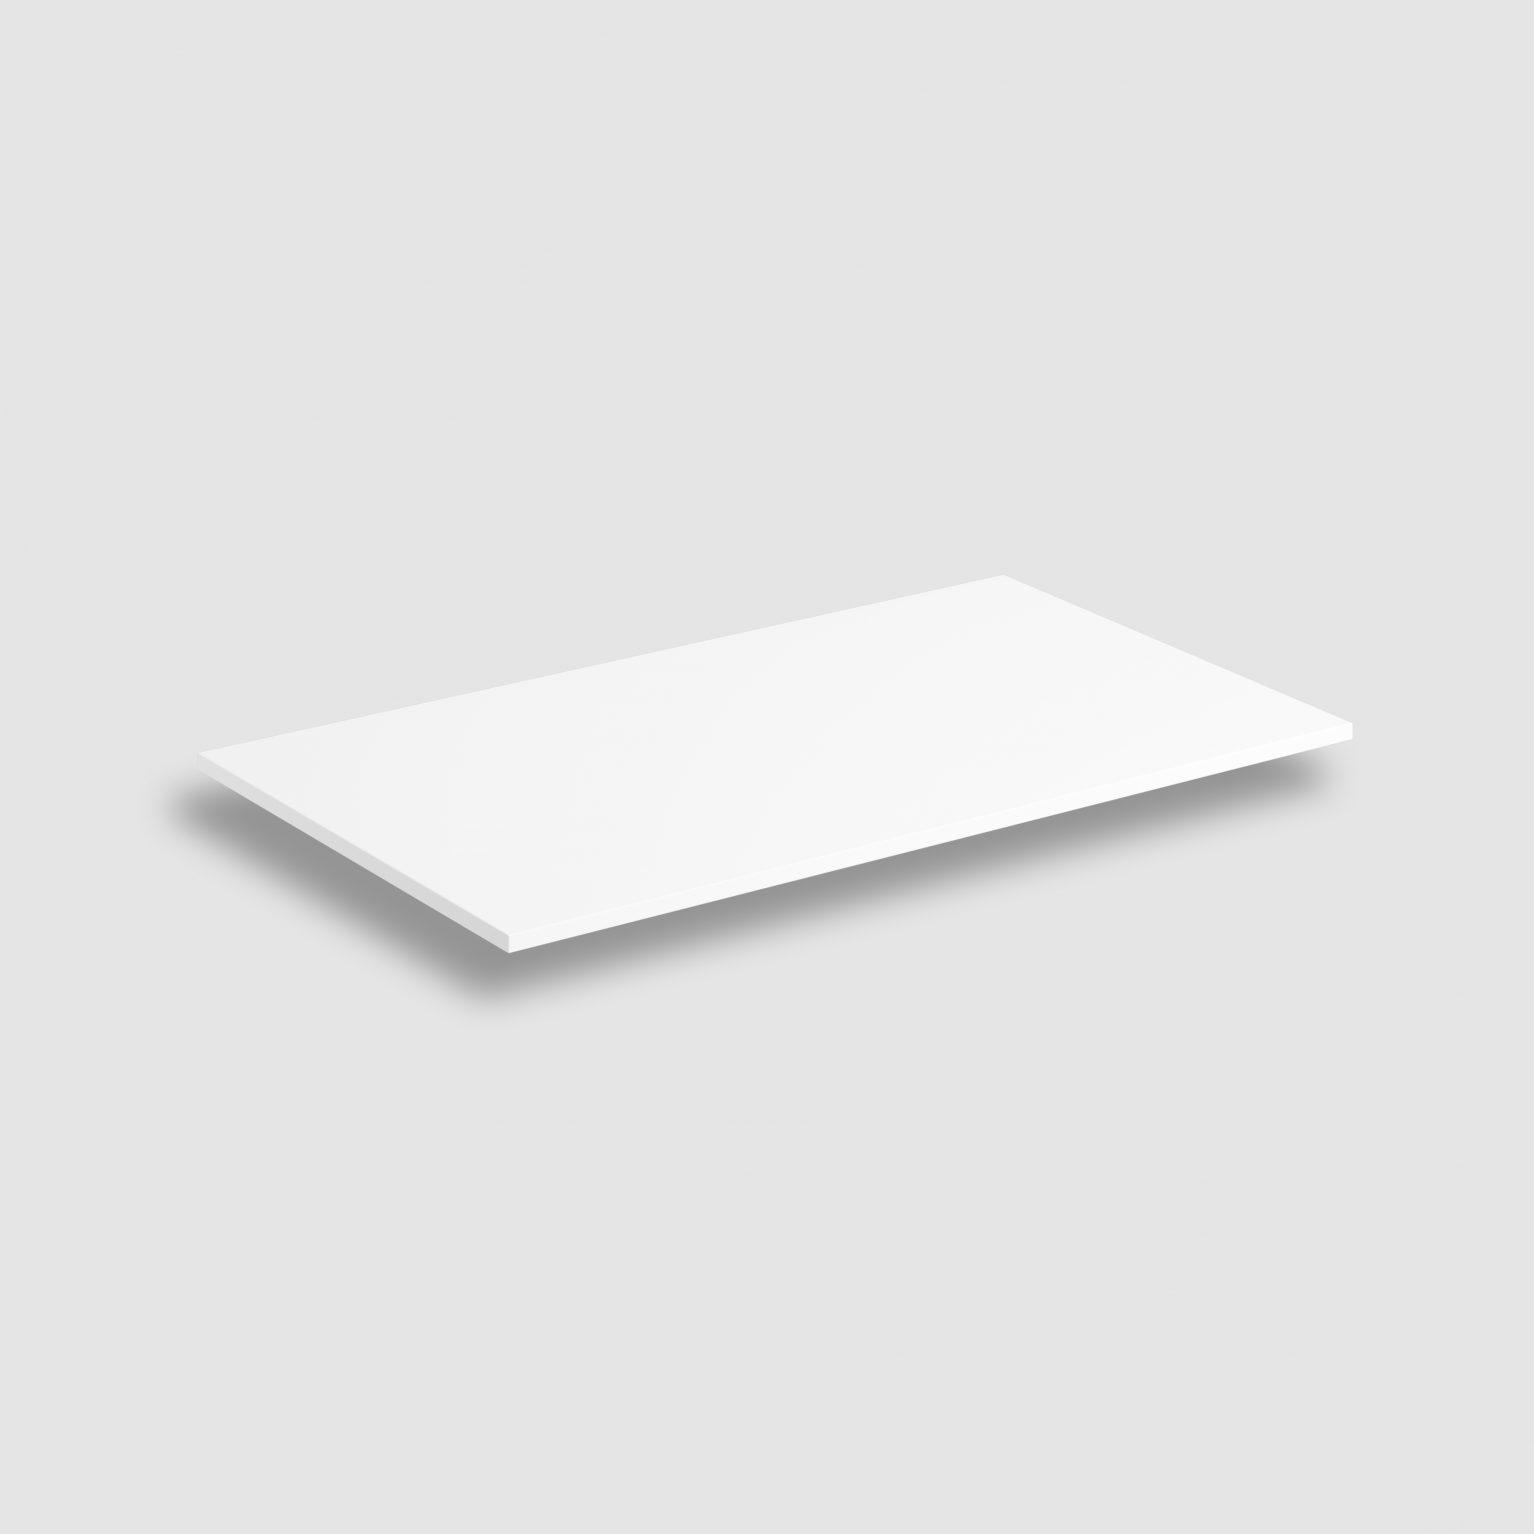 Hammock Frame inleg planchet 90 cm, mat wit aluite)